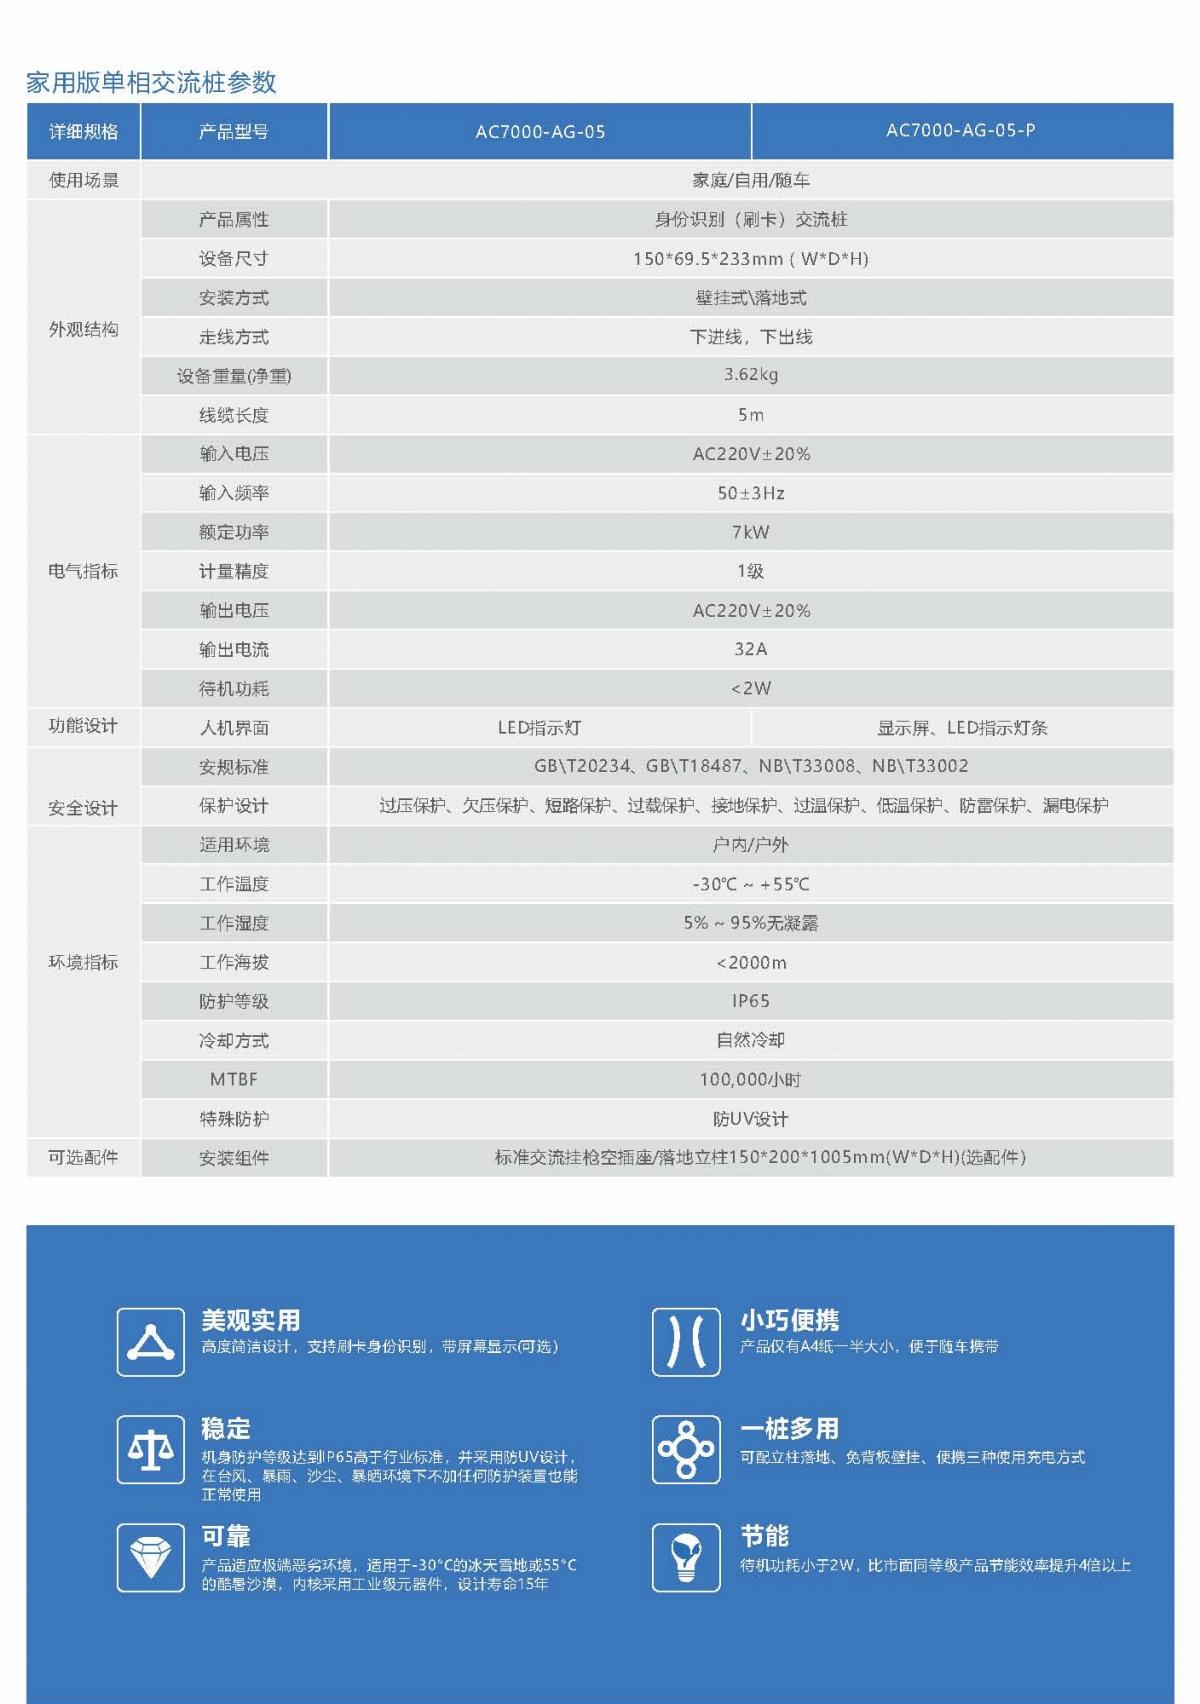 EN+画册2018_页面_06.jpg